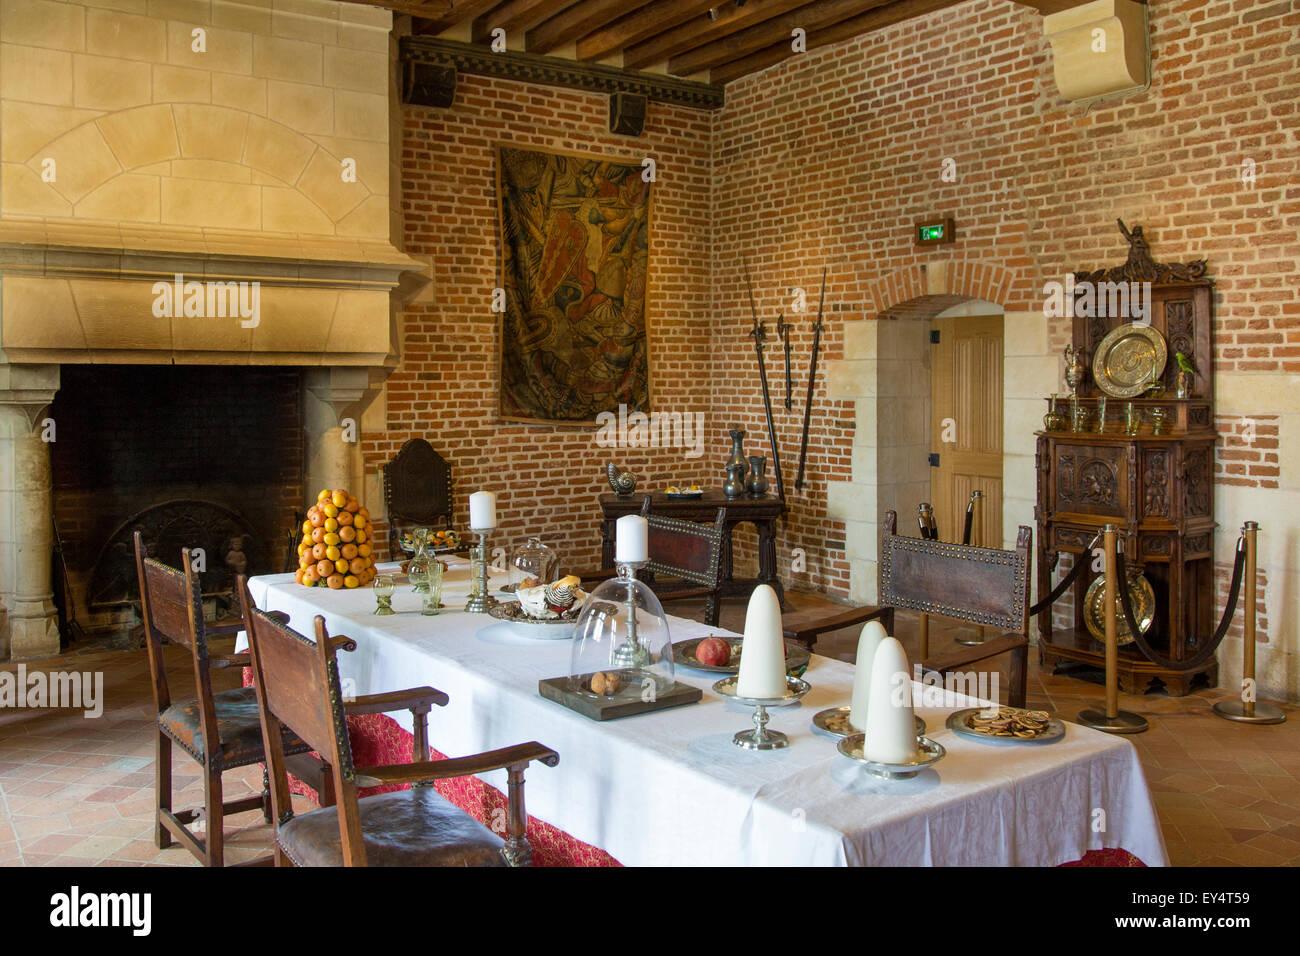 Dining Room At Chateau Clos Luce Leonardo Da Vinci S